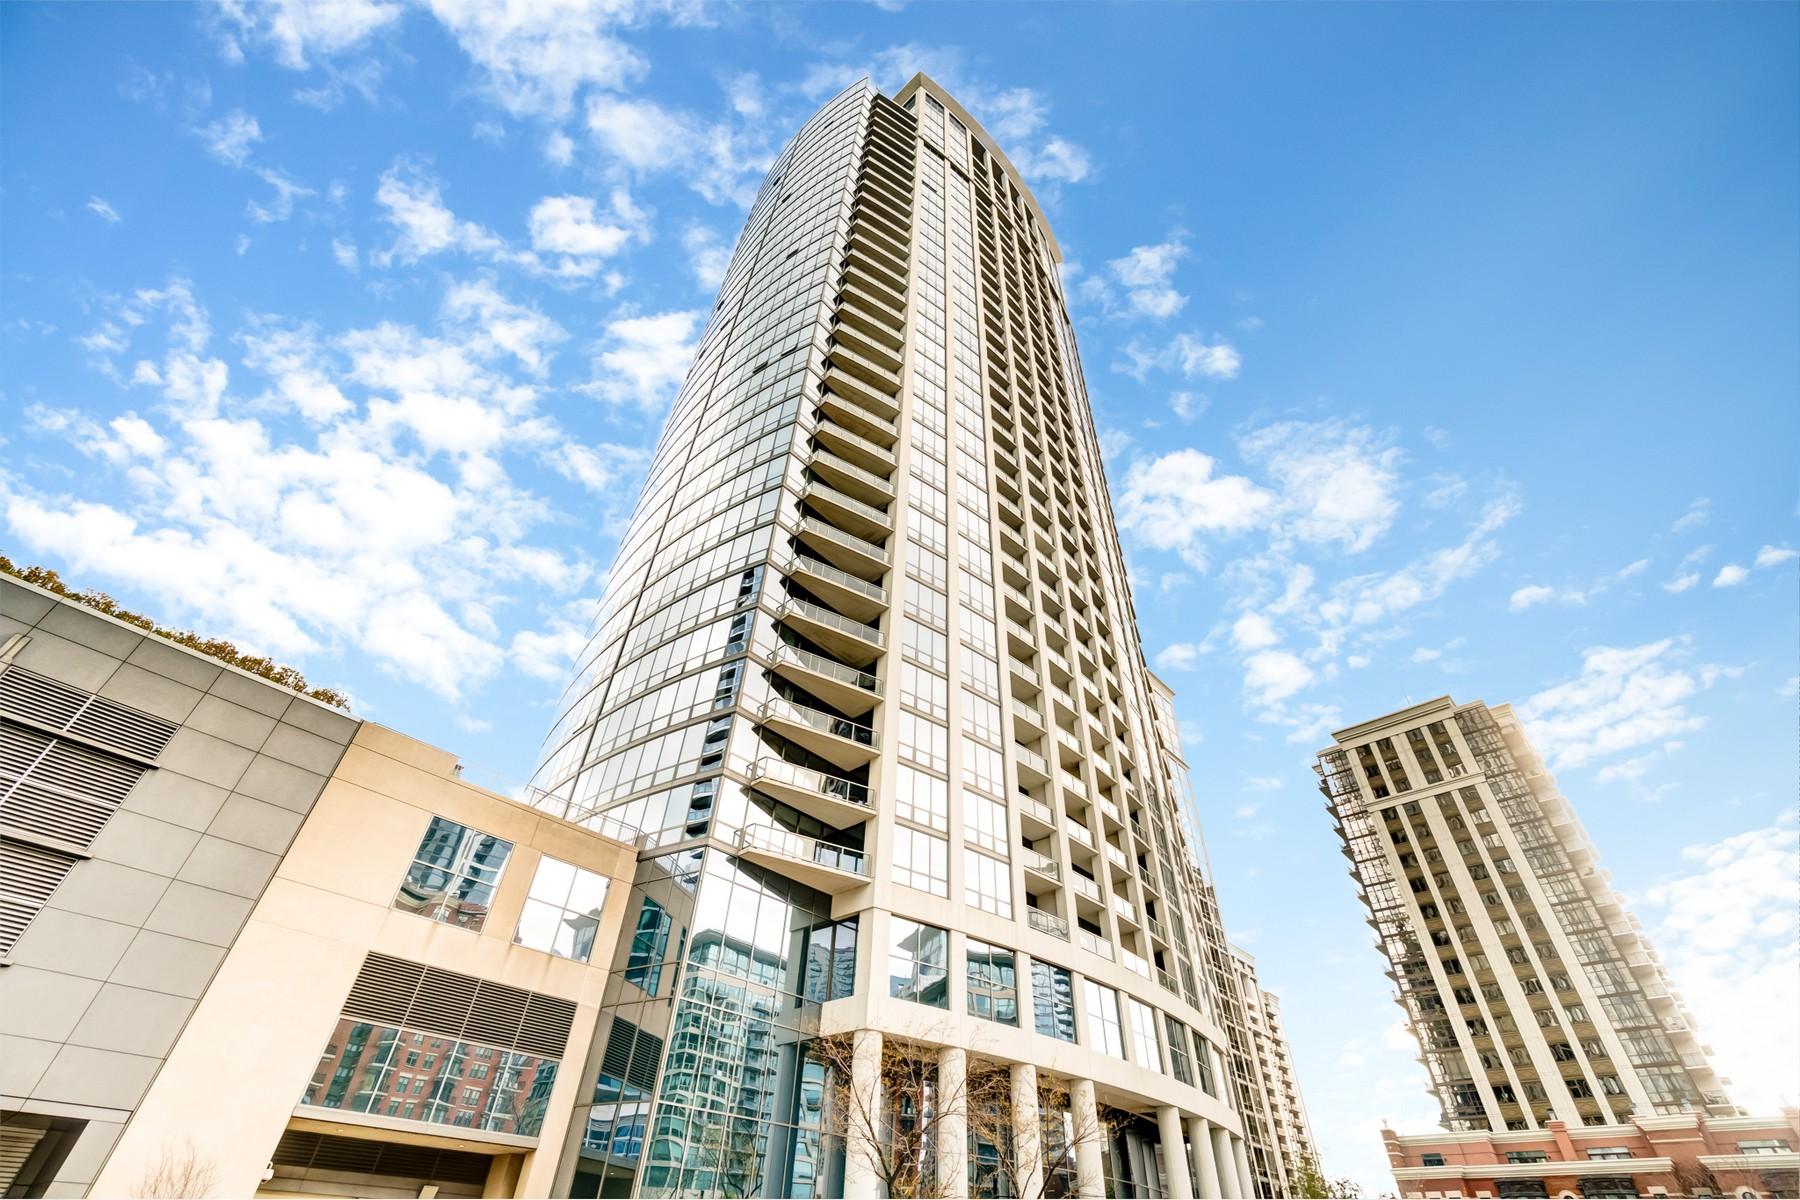 Condominium for Sale at Corner Unit with Floor to Ceiling Panoramic Views of Chicago 1235 S Prairie Avenue Unit 3501 Chicago, Illinois 60605 United States